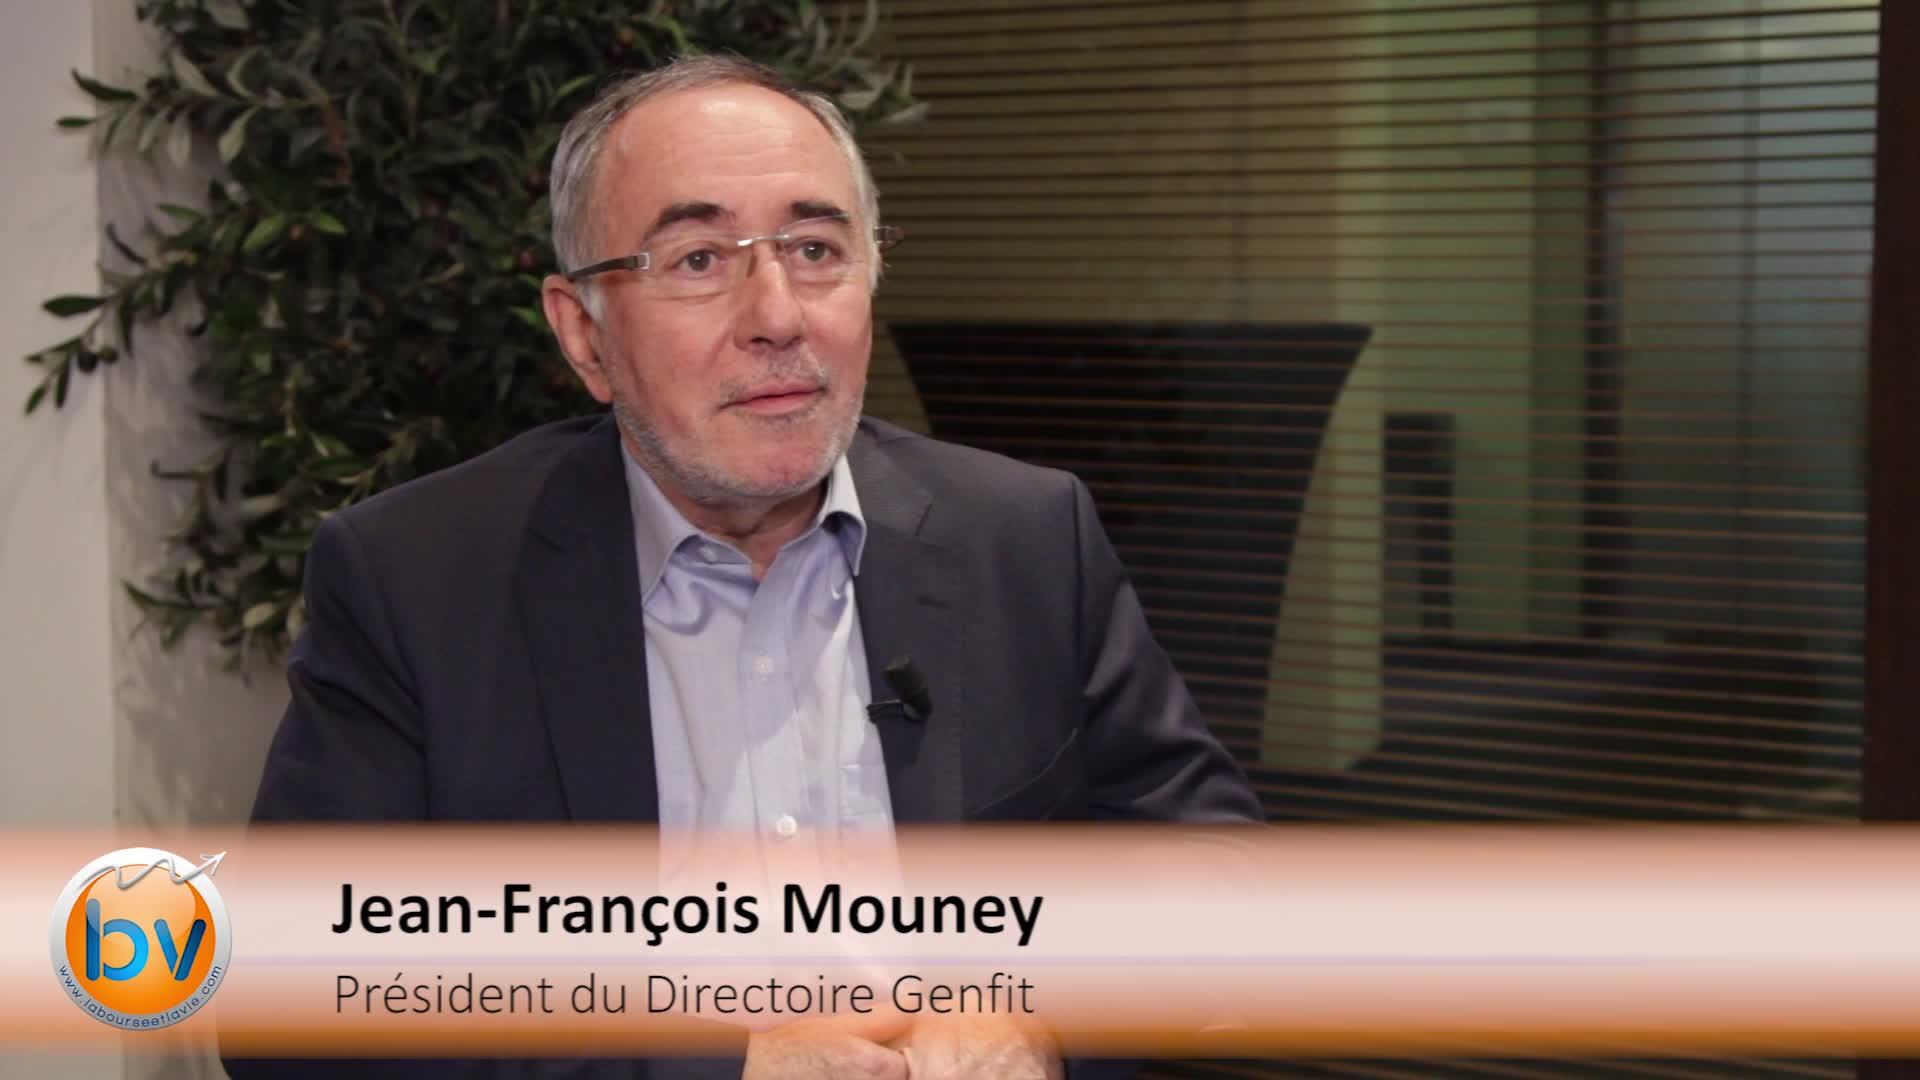 """Jean-François Mouney Président du Directoire Genfit : """"Nous sommes dans un schéma financier ou les choses se feront progressivement"""""""